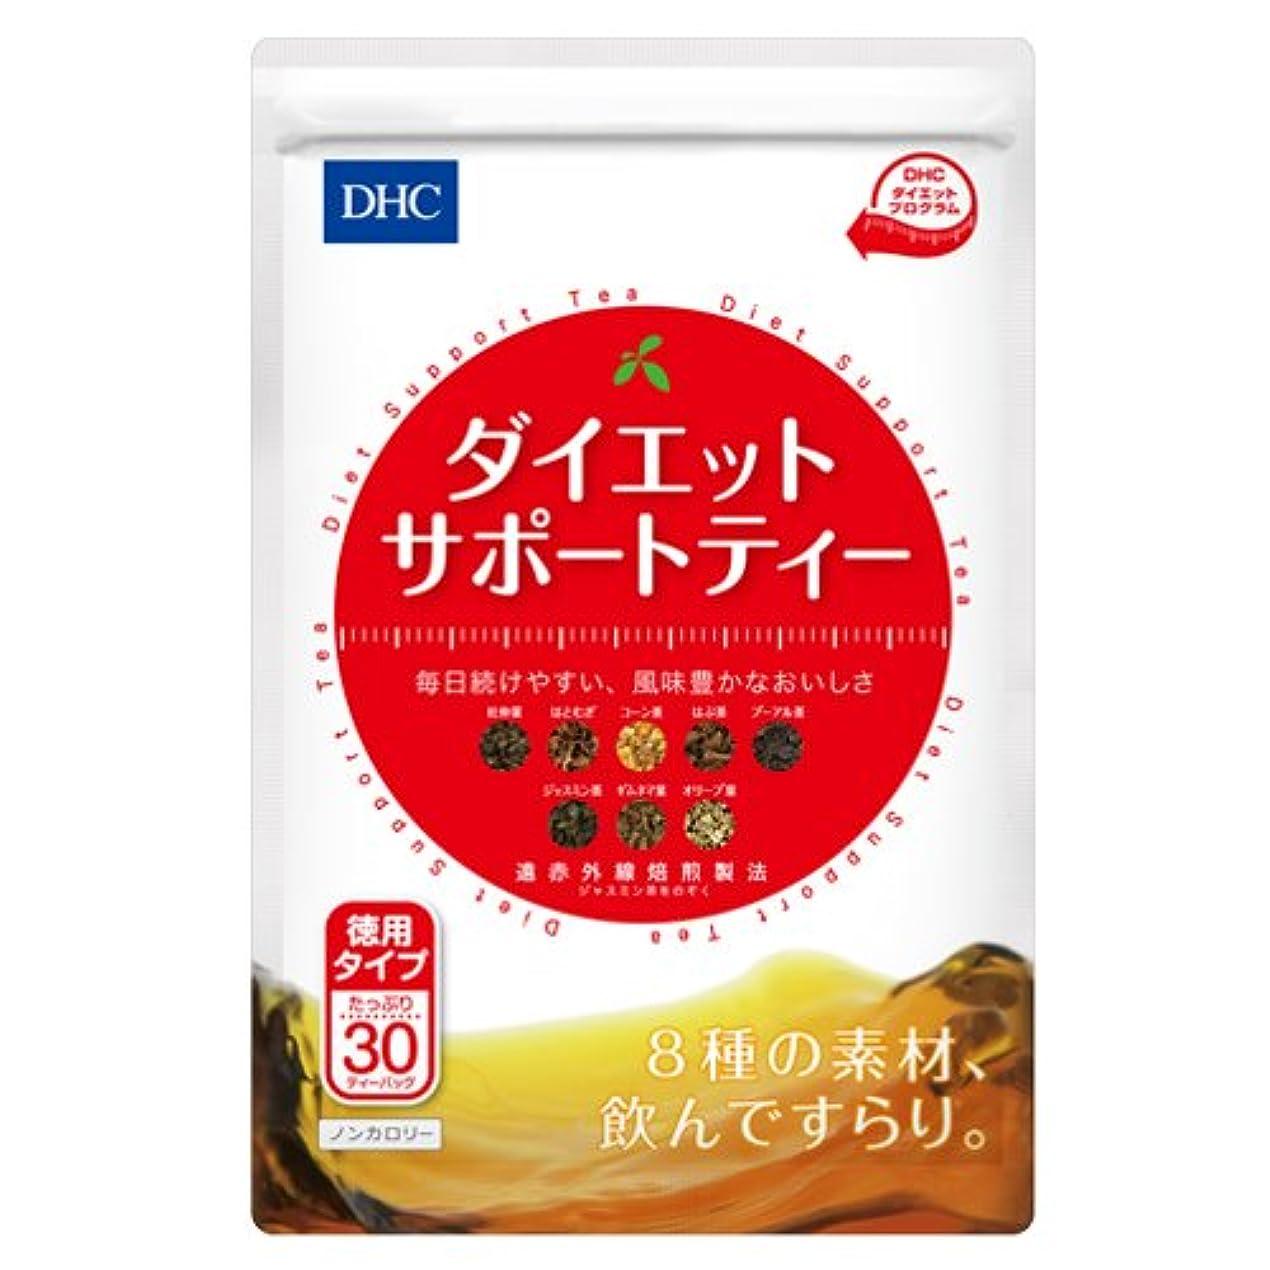 検証服狂うDHC ダイエットサポートティー (30ティーバッグ入)